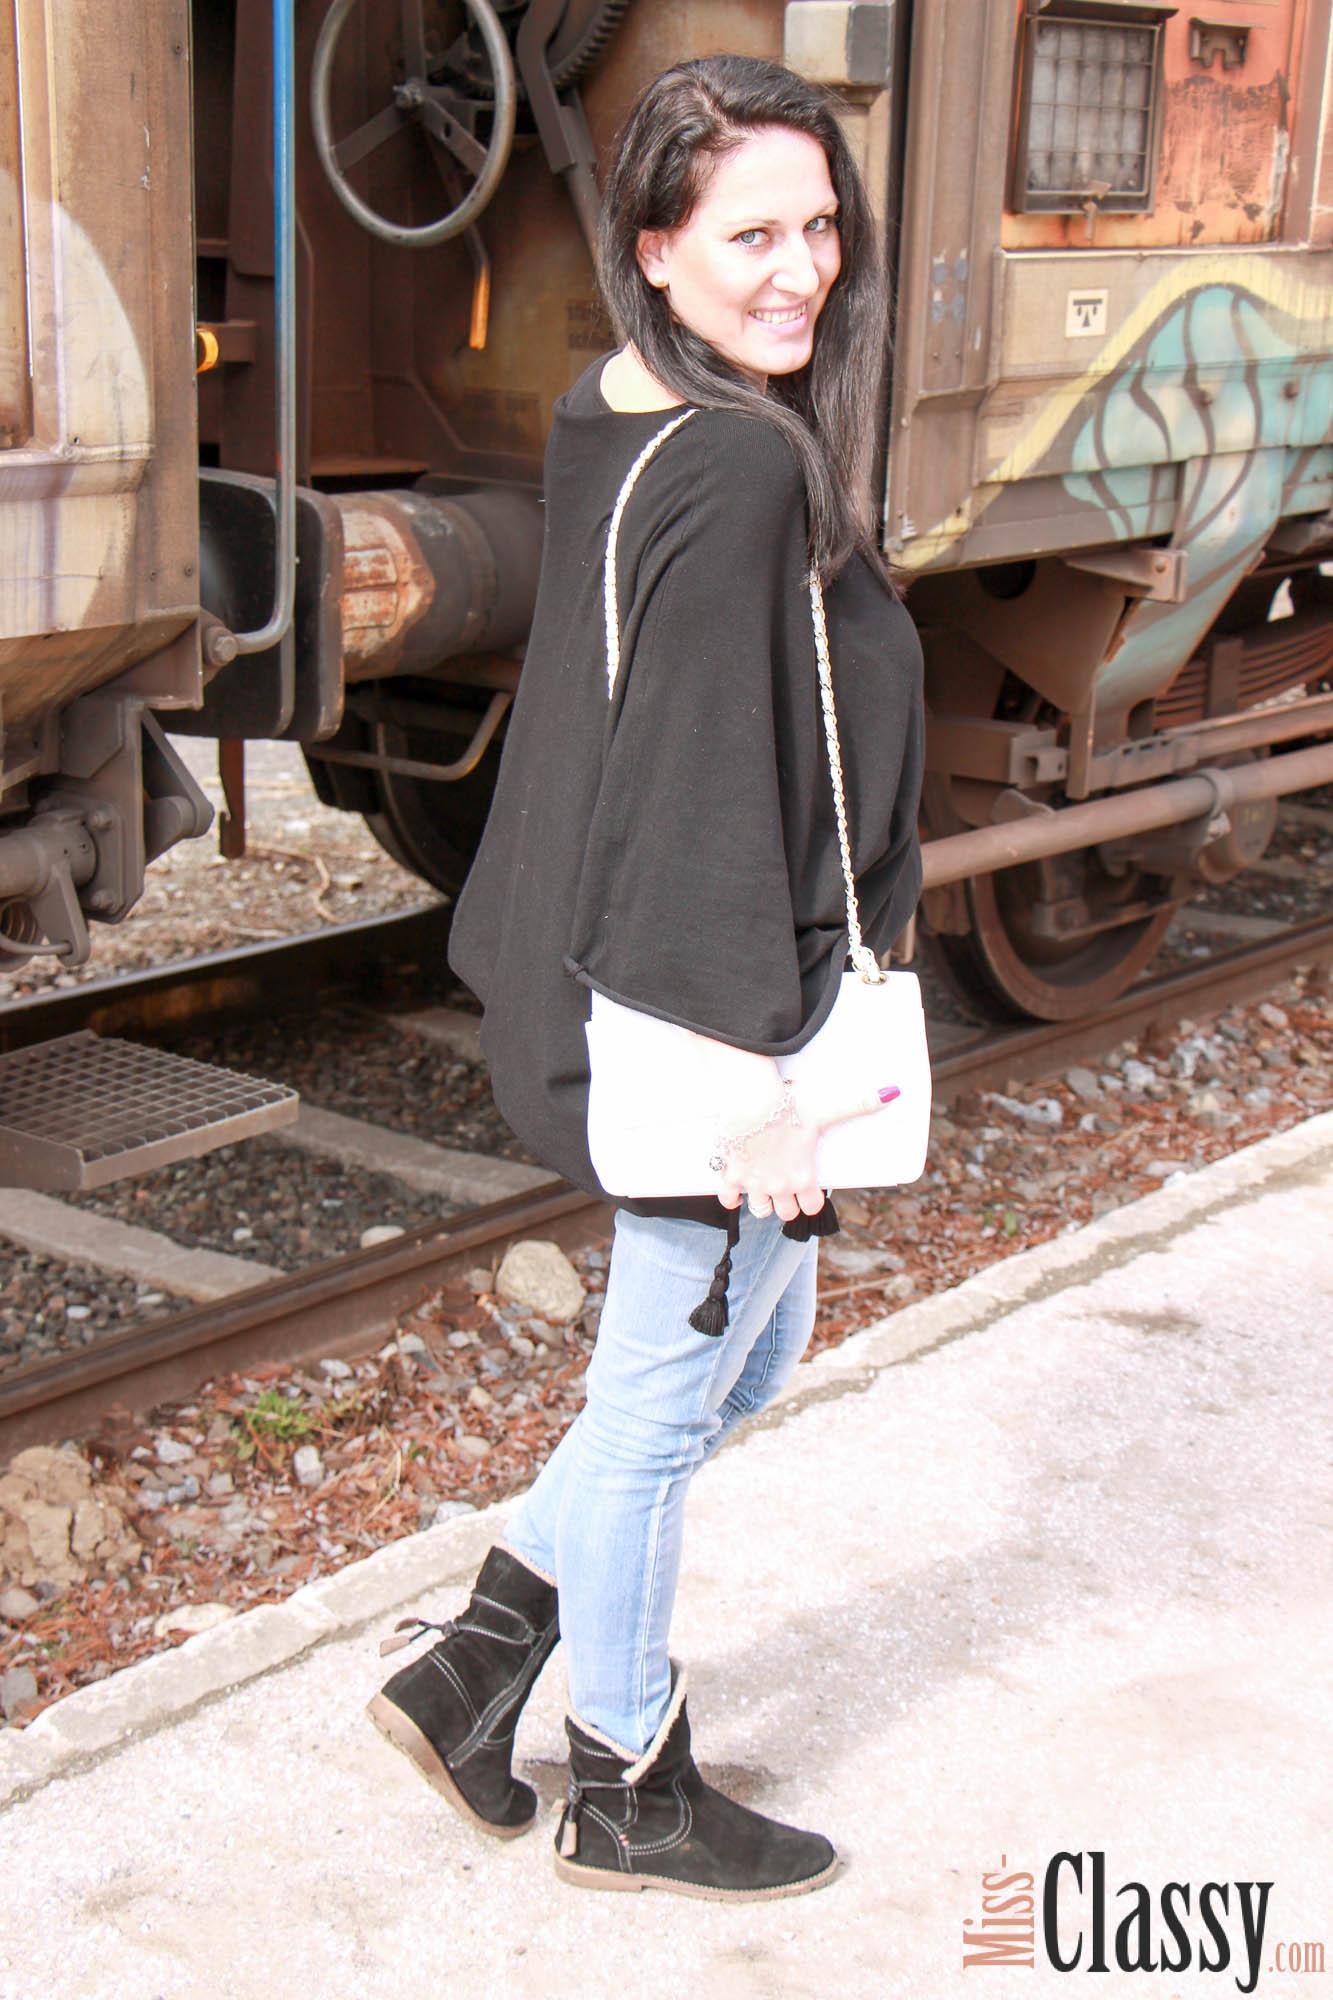 Transwaggon Graffiti_14